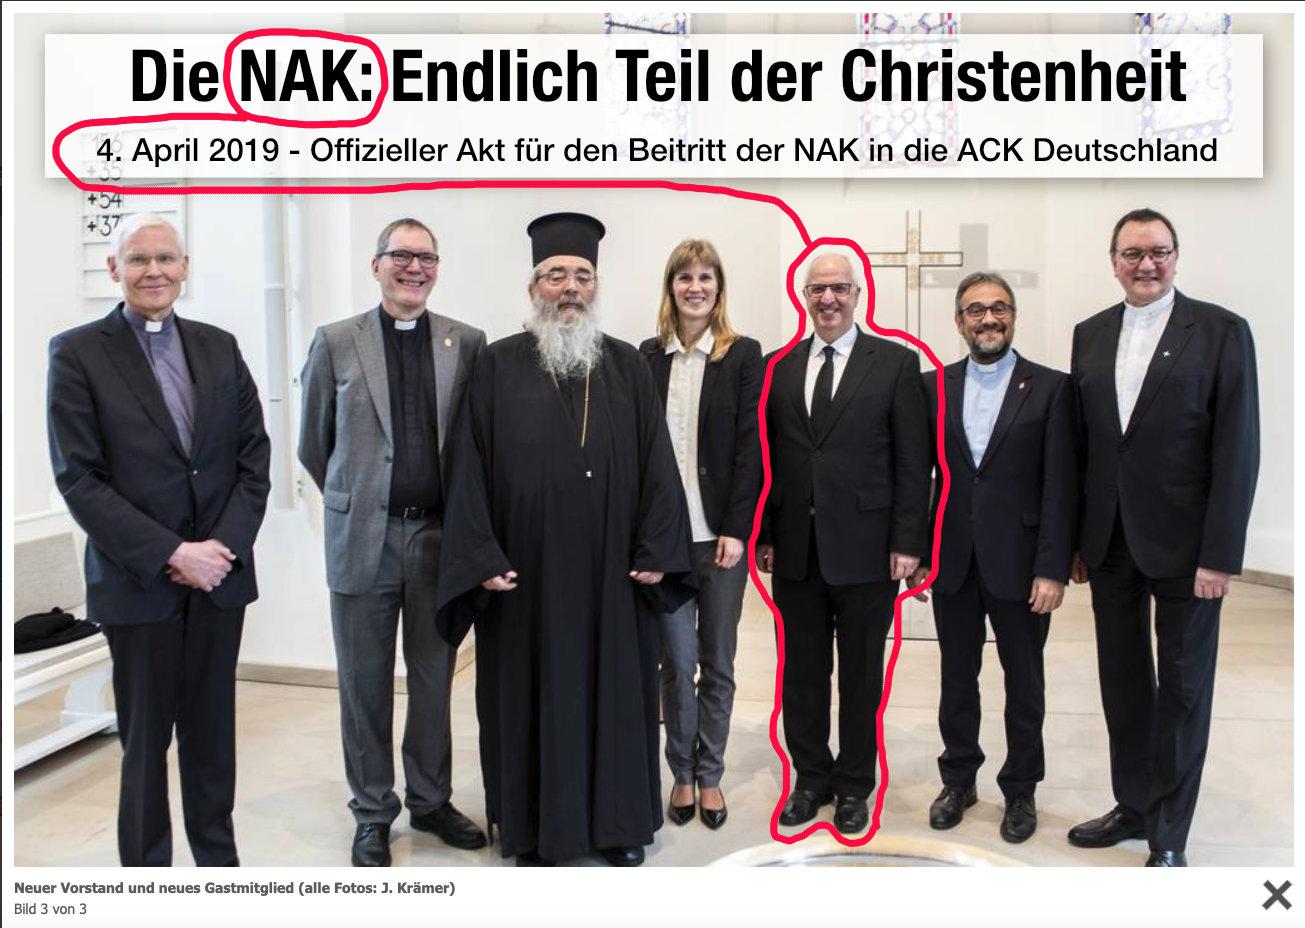 NAK - Endlich Teil der Christenheit